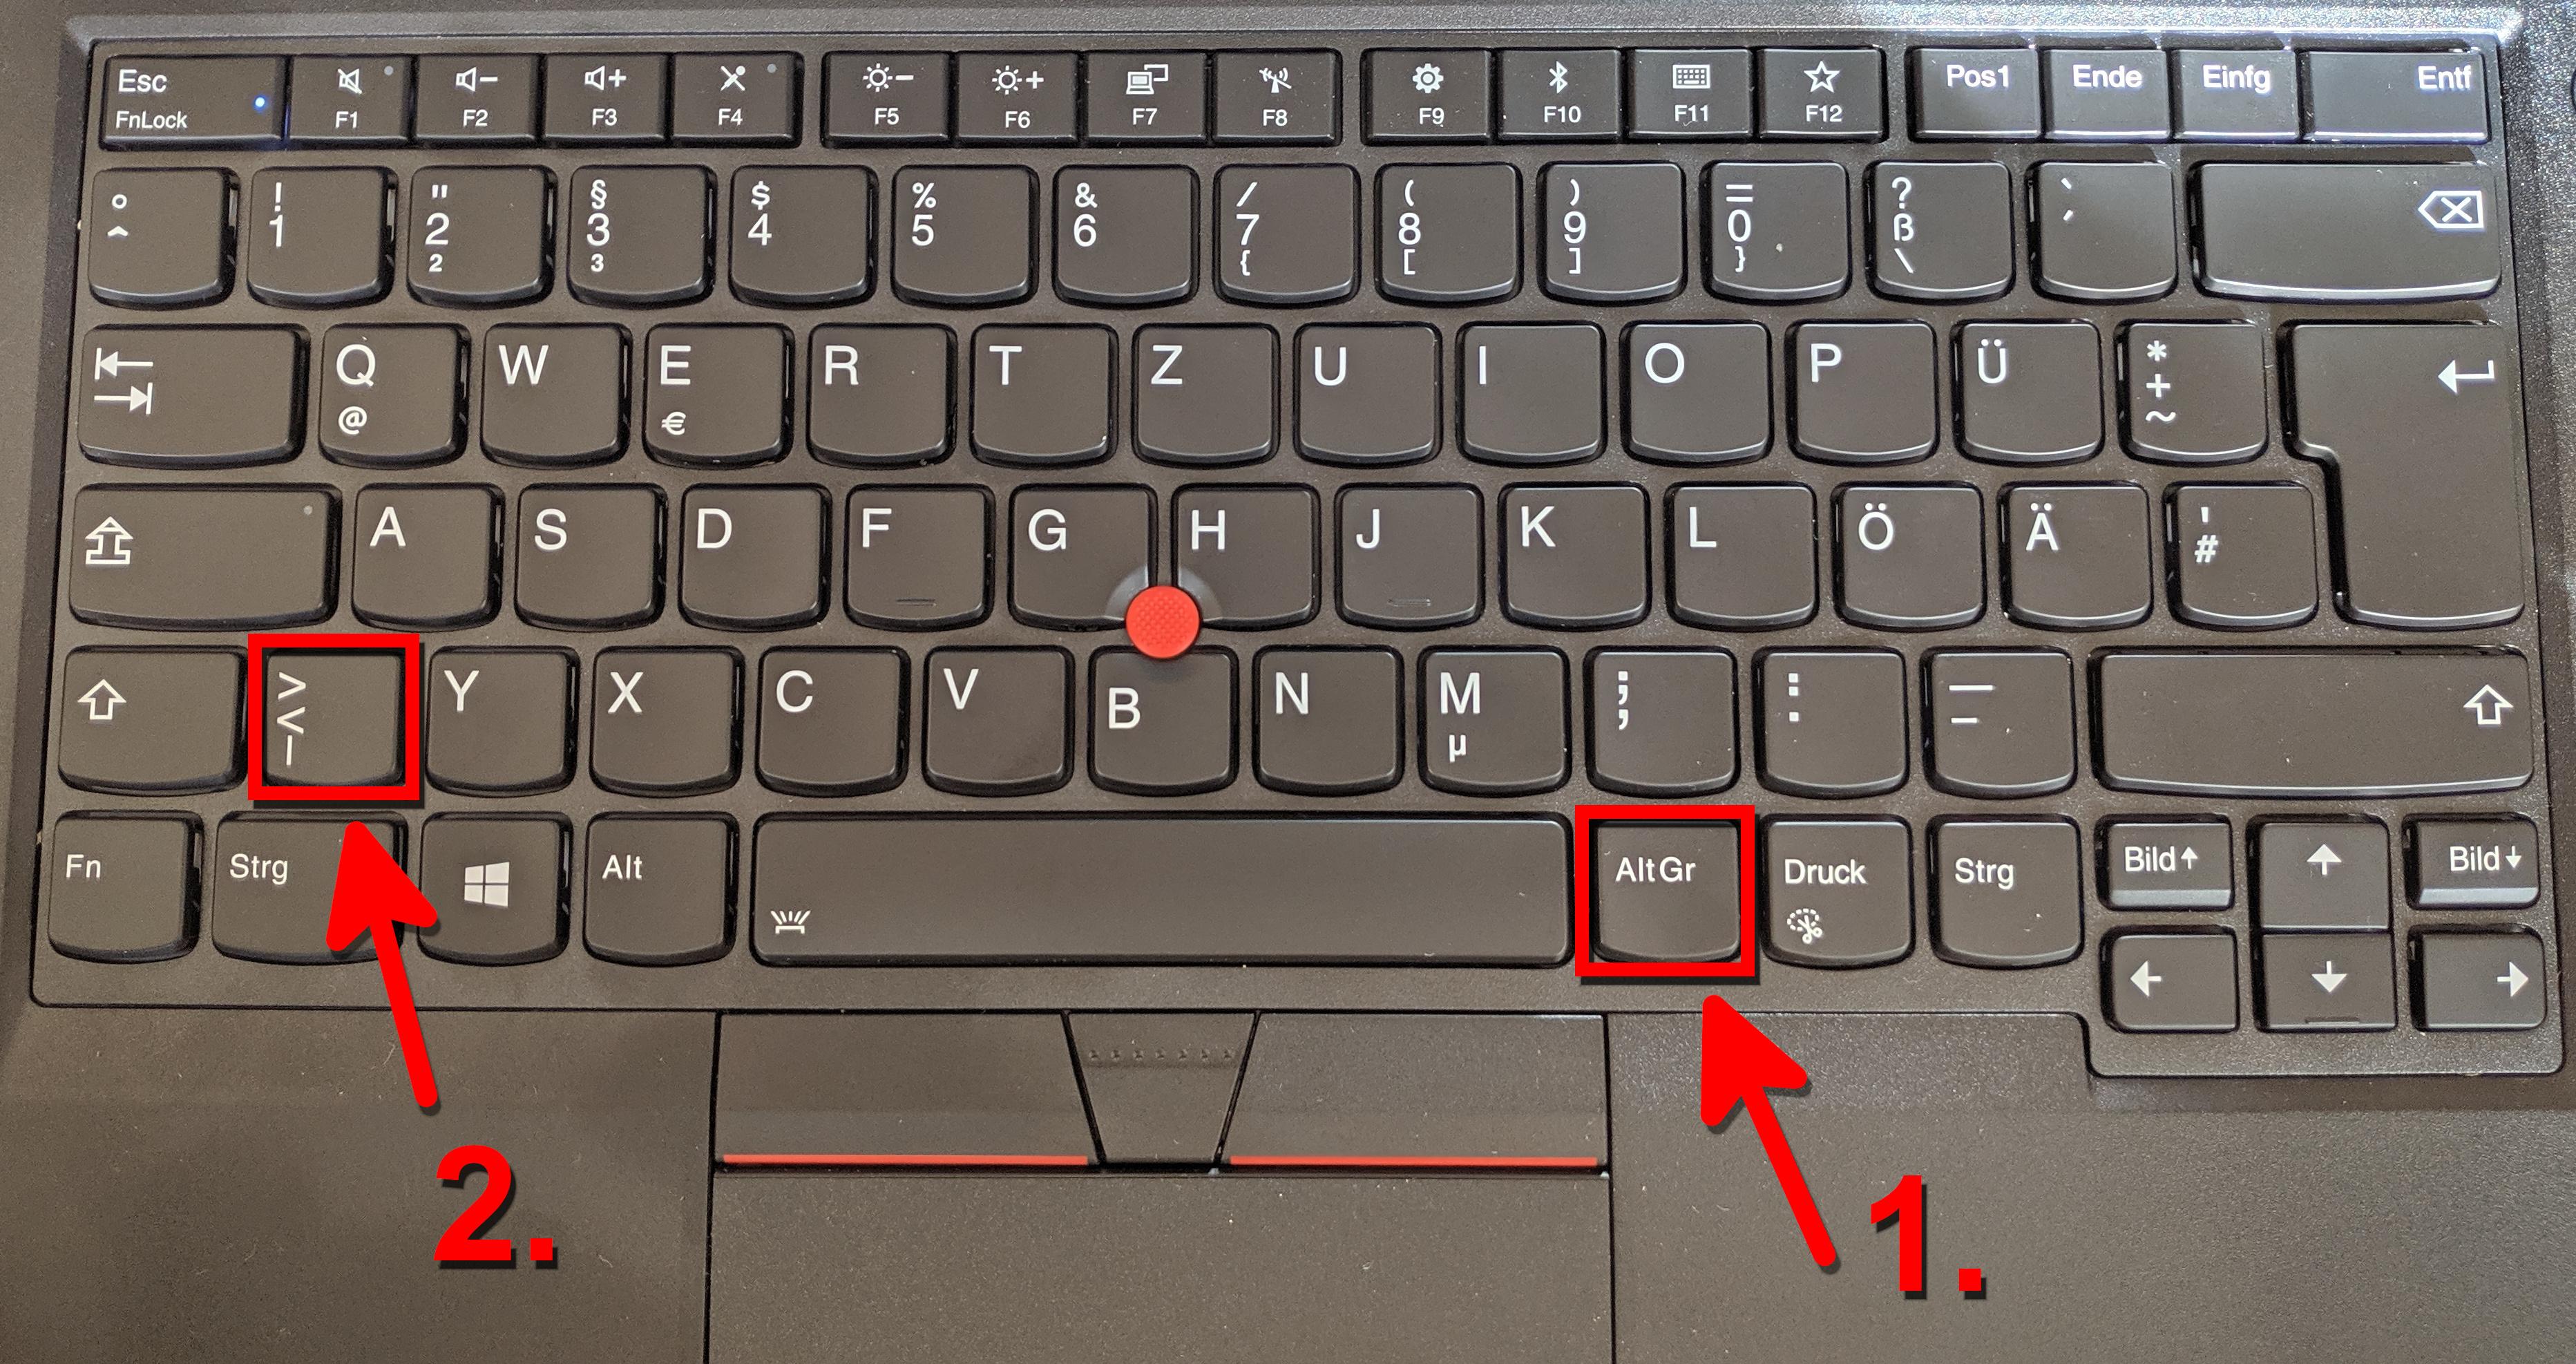 Senkrechter Strich Pipe Betragsstrich Auf Tastatur Schreiben